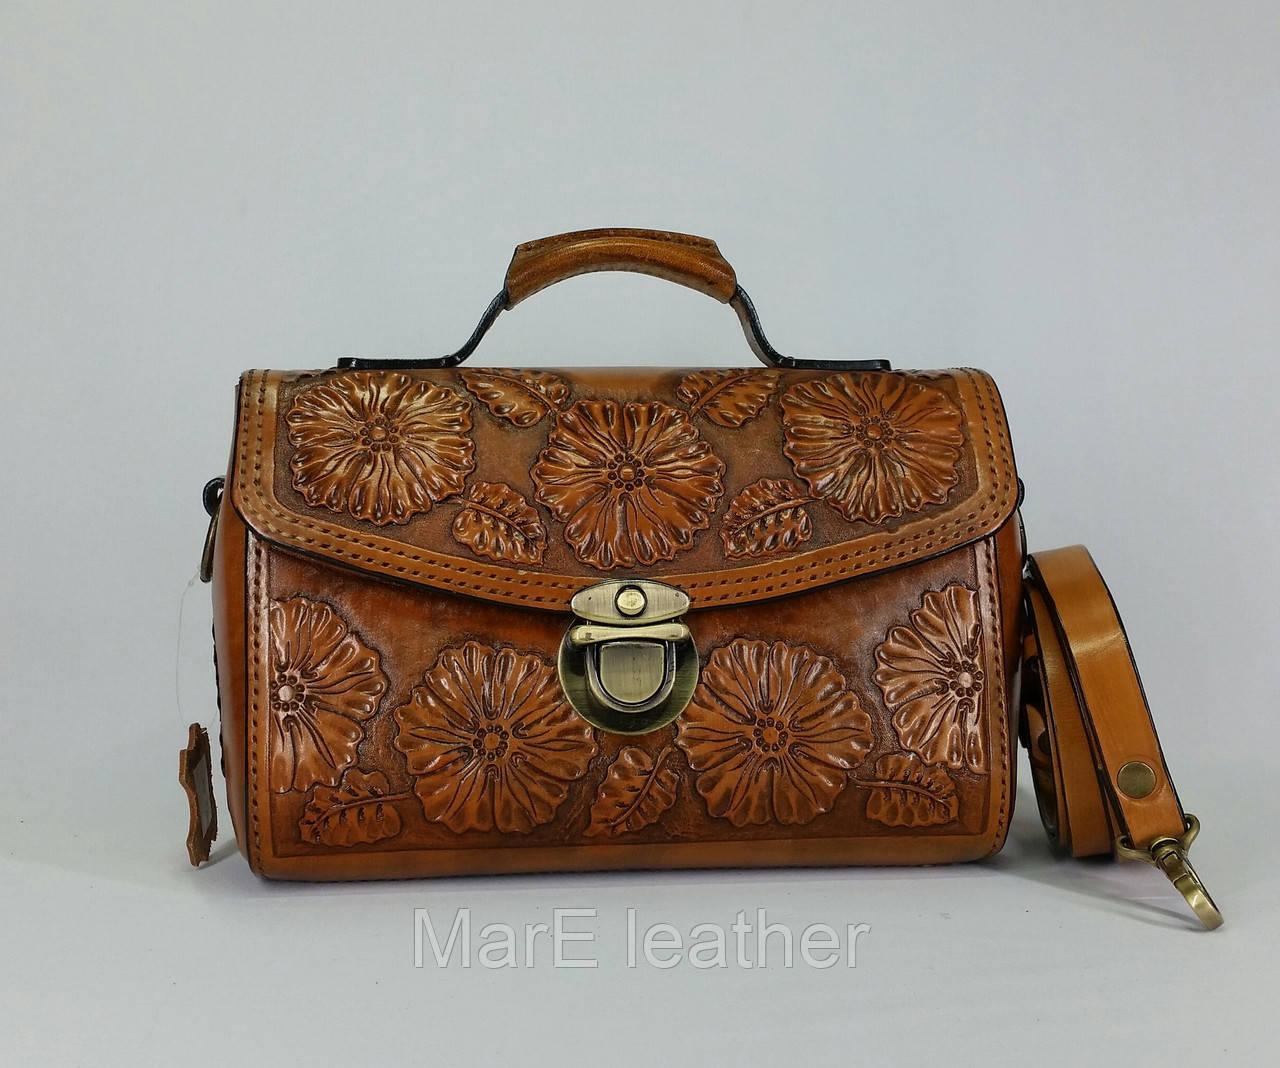 07db438f698d Оригинальная кожаная сумка- саквояж ручной работы с тисненым цветочным  рисунком - MarE leather в Белой